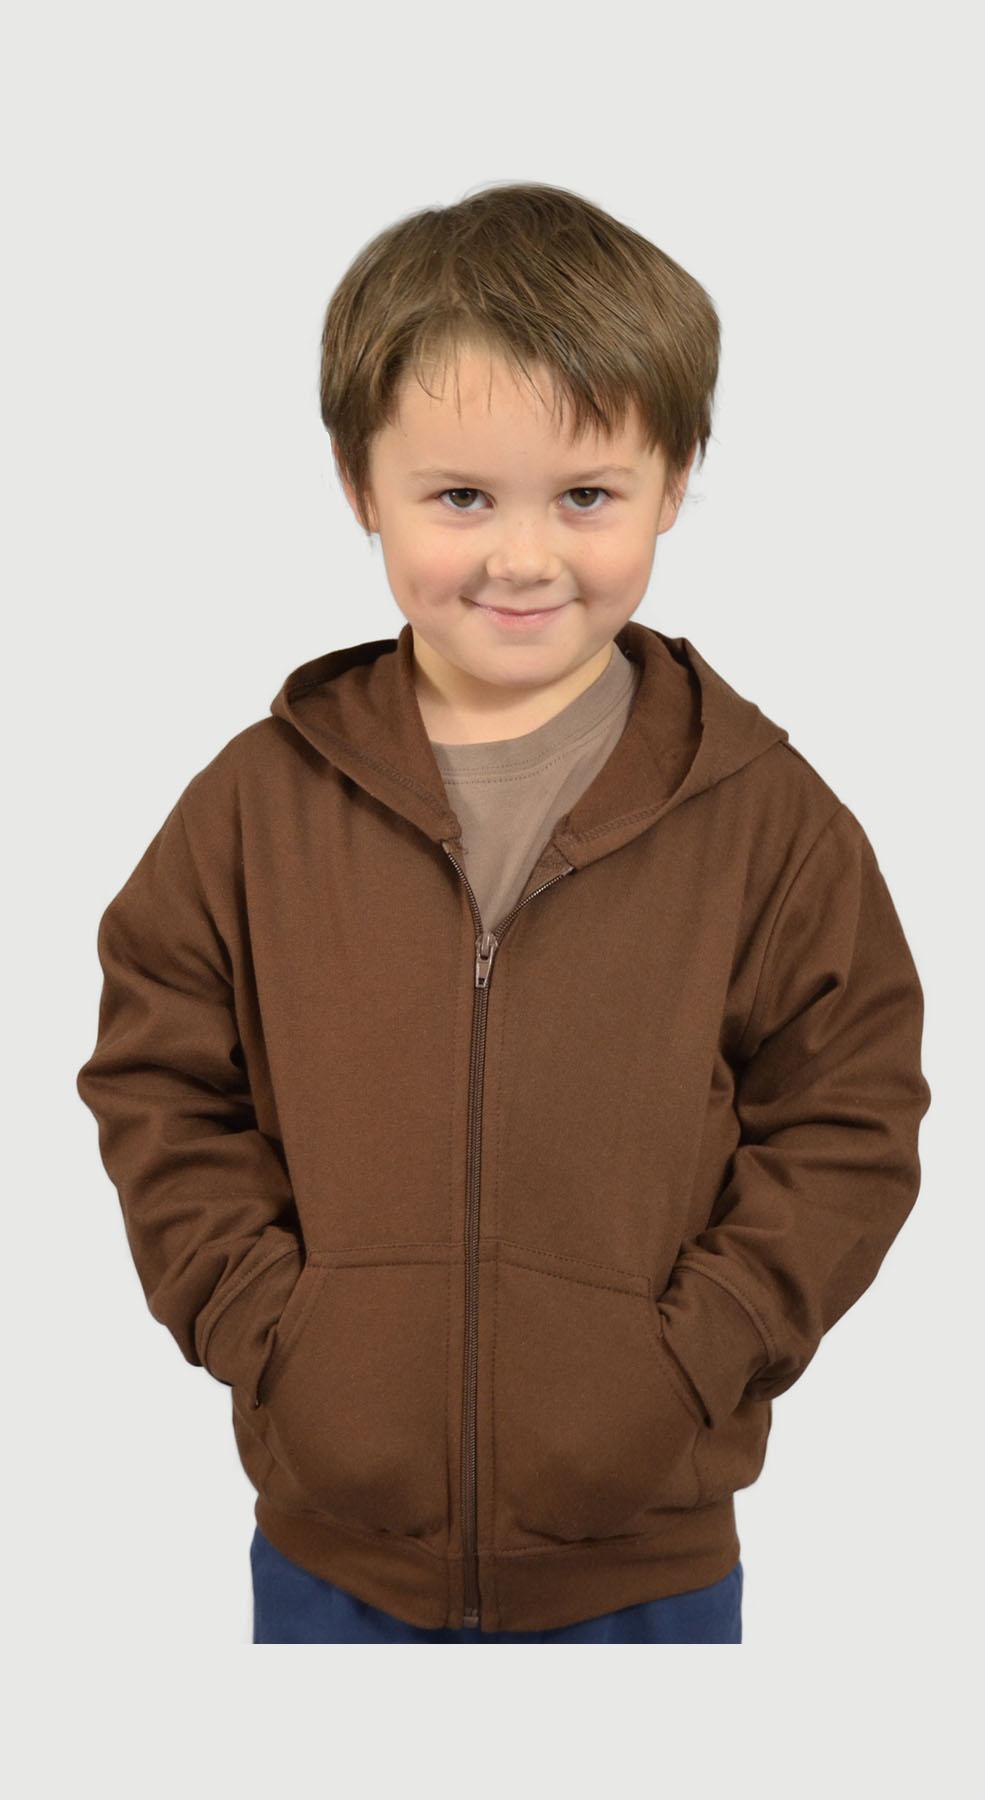 Monag 600005 - Fleece Hooded Jacket